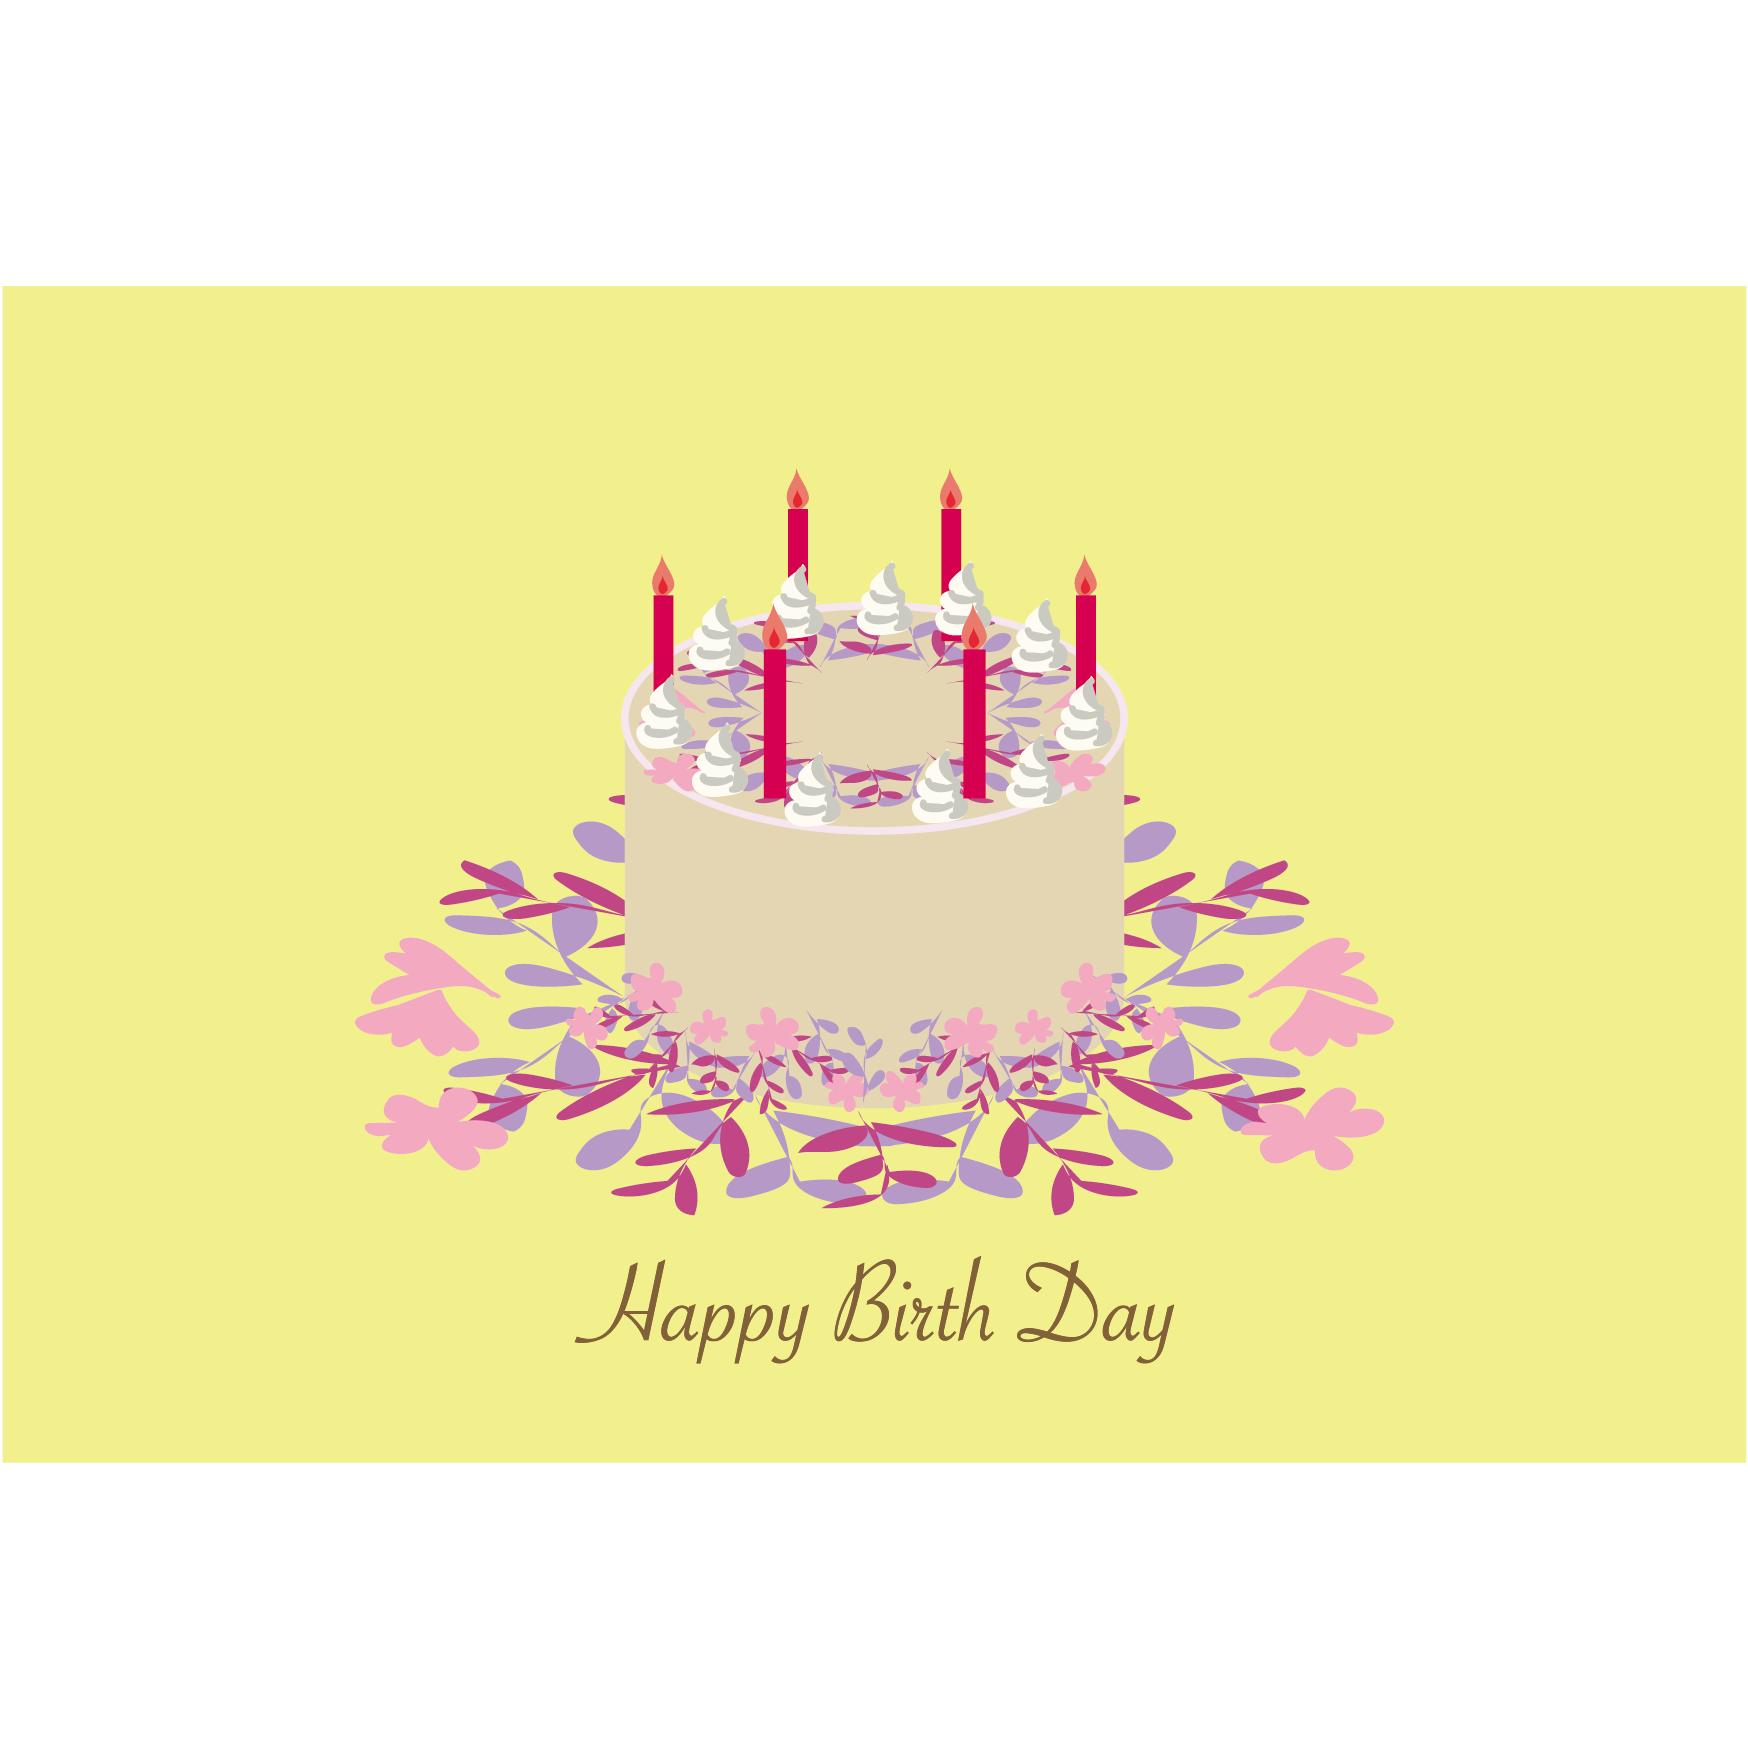 誕生日ケーキのグリーティングカード 無料 イラスト